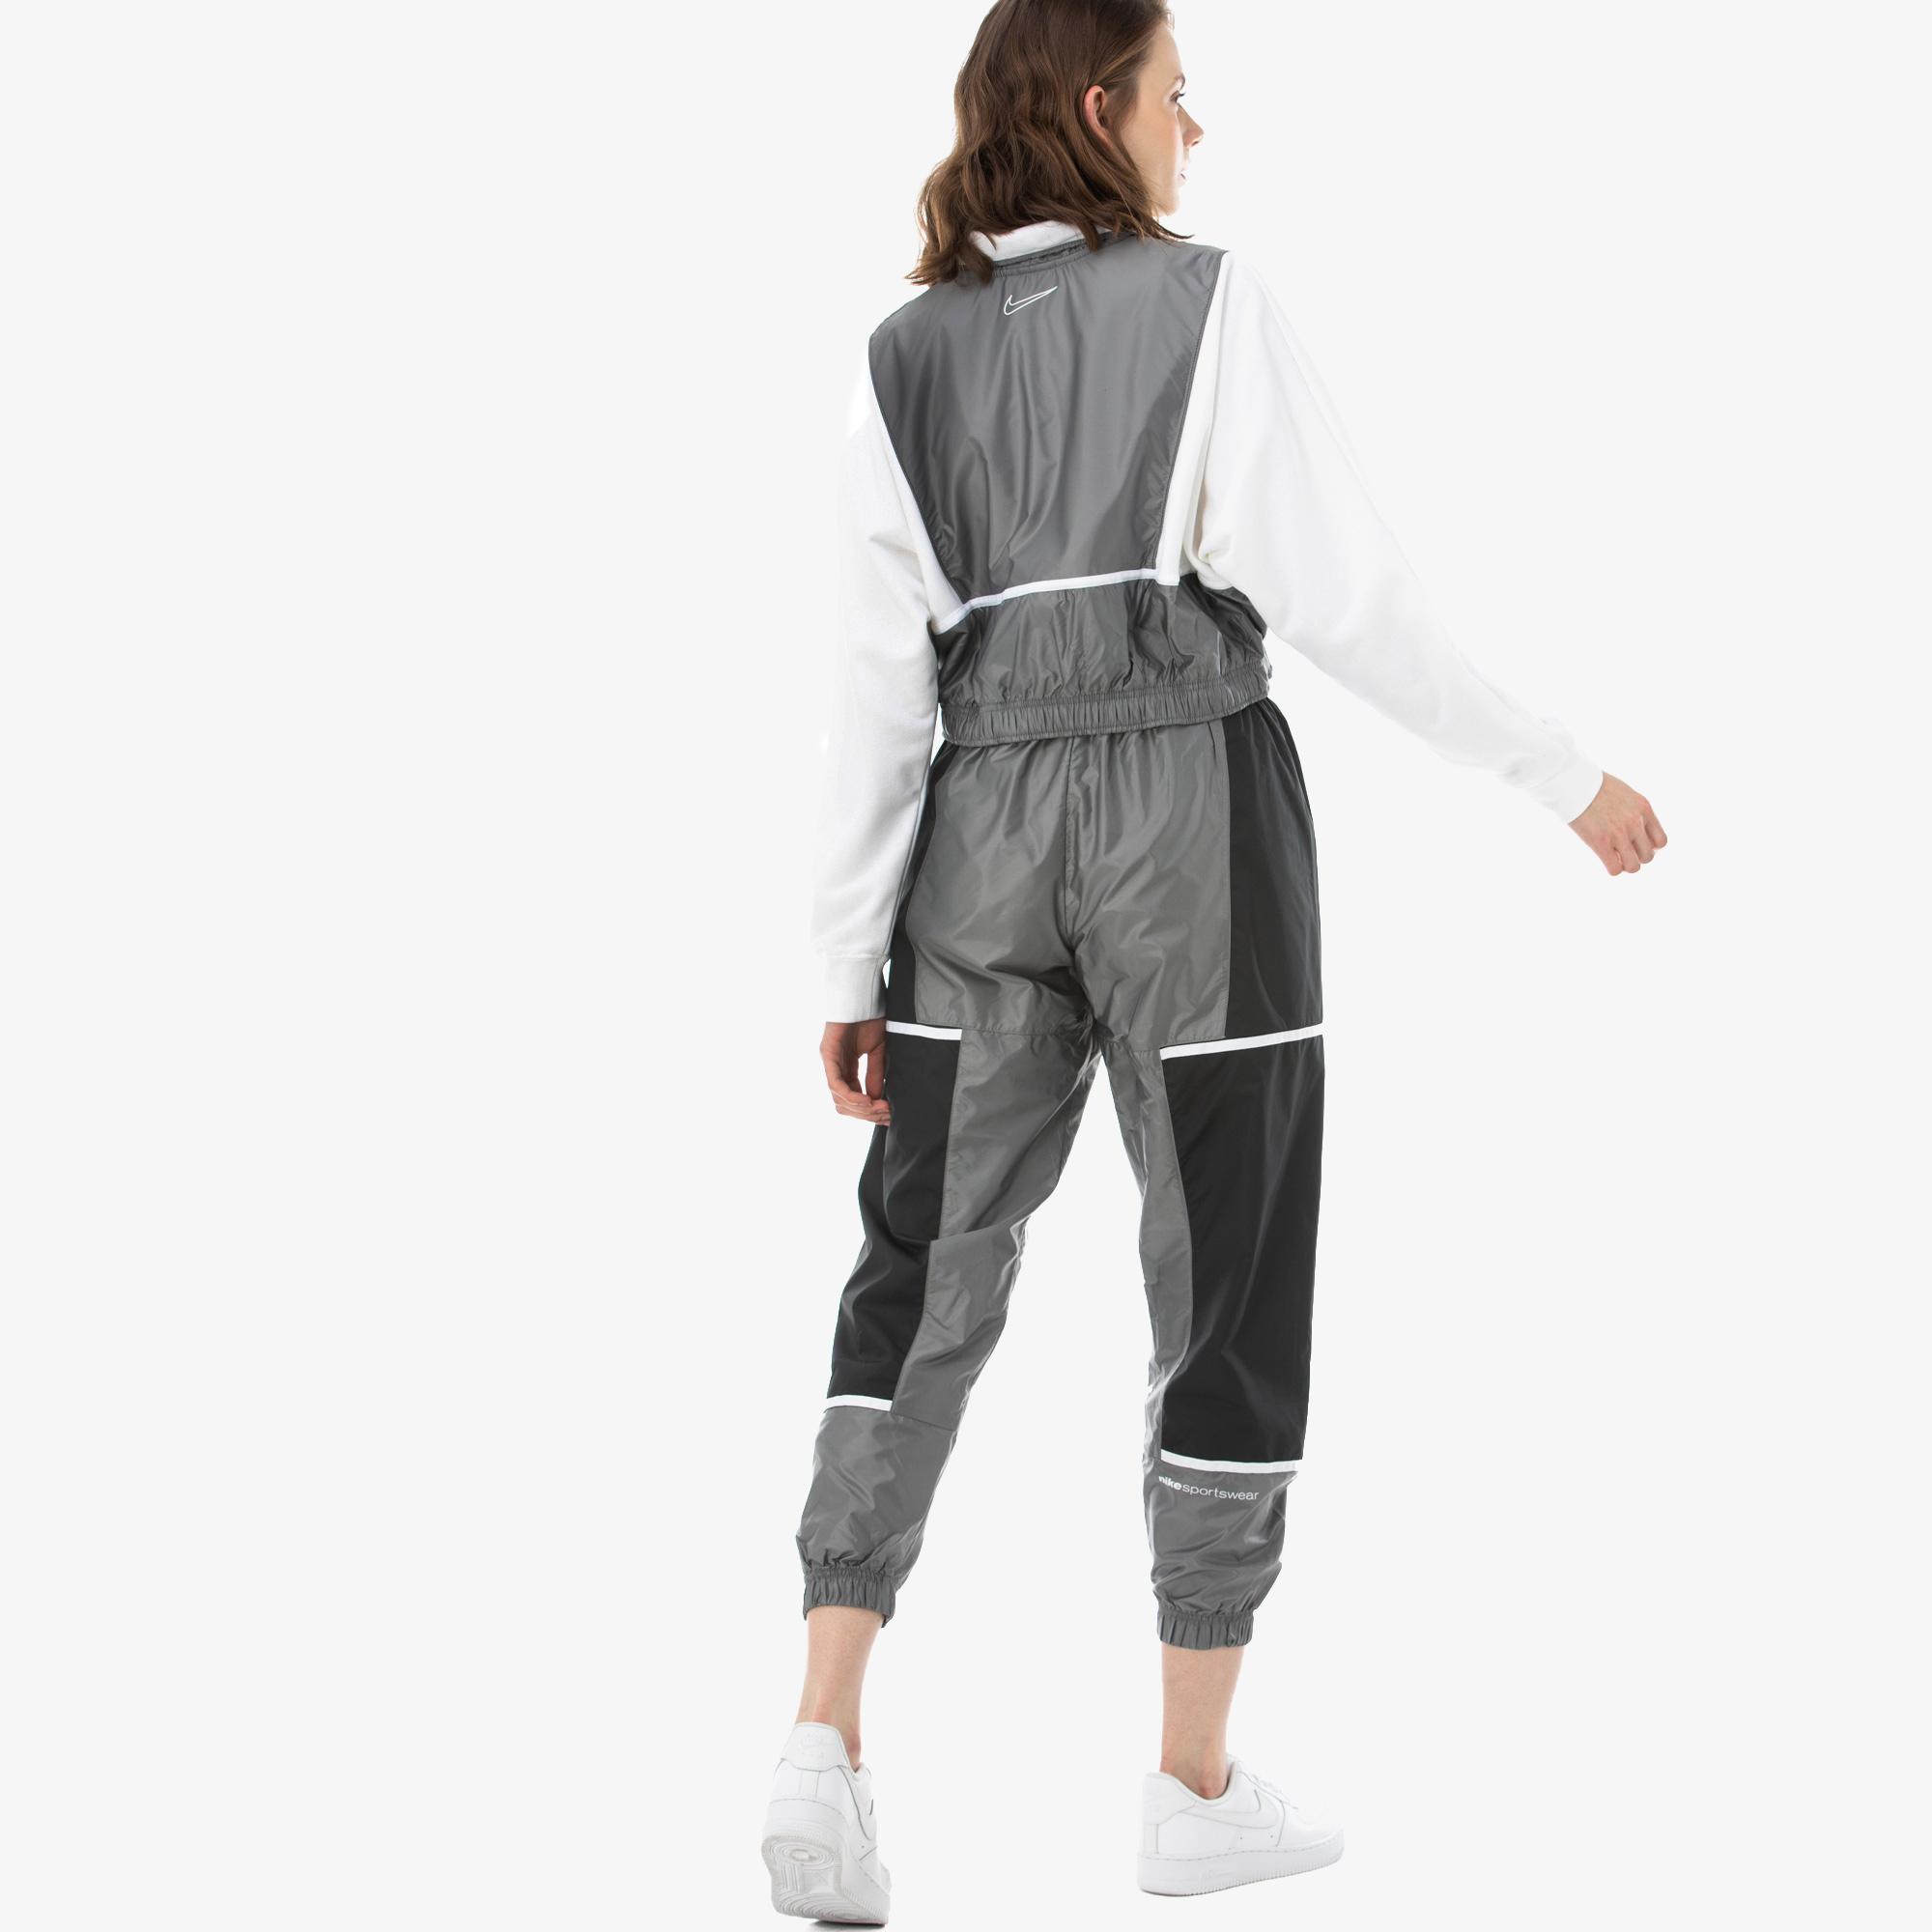 Nike Sportswearvn Archive Rmx Kadın Gri Eşofman Altı